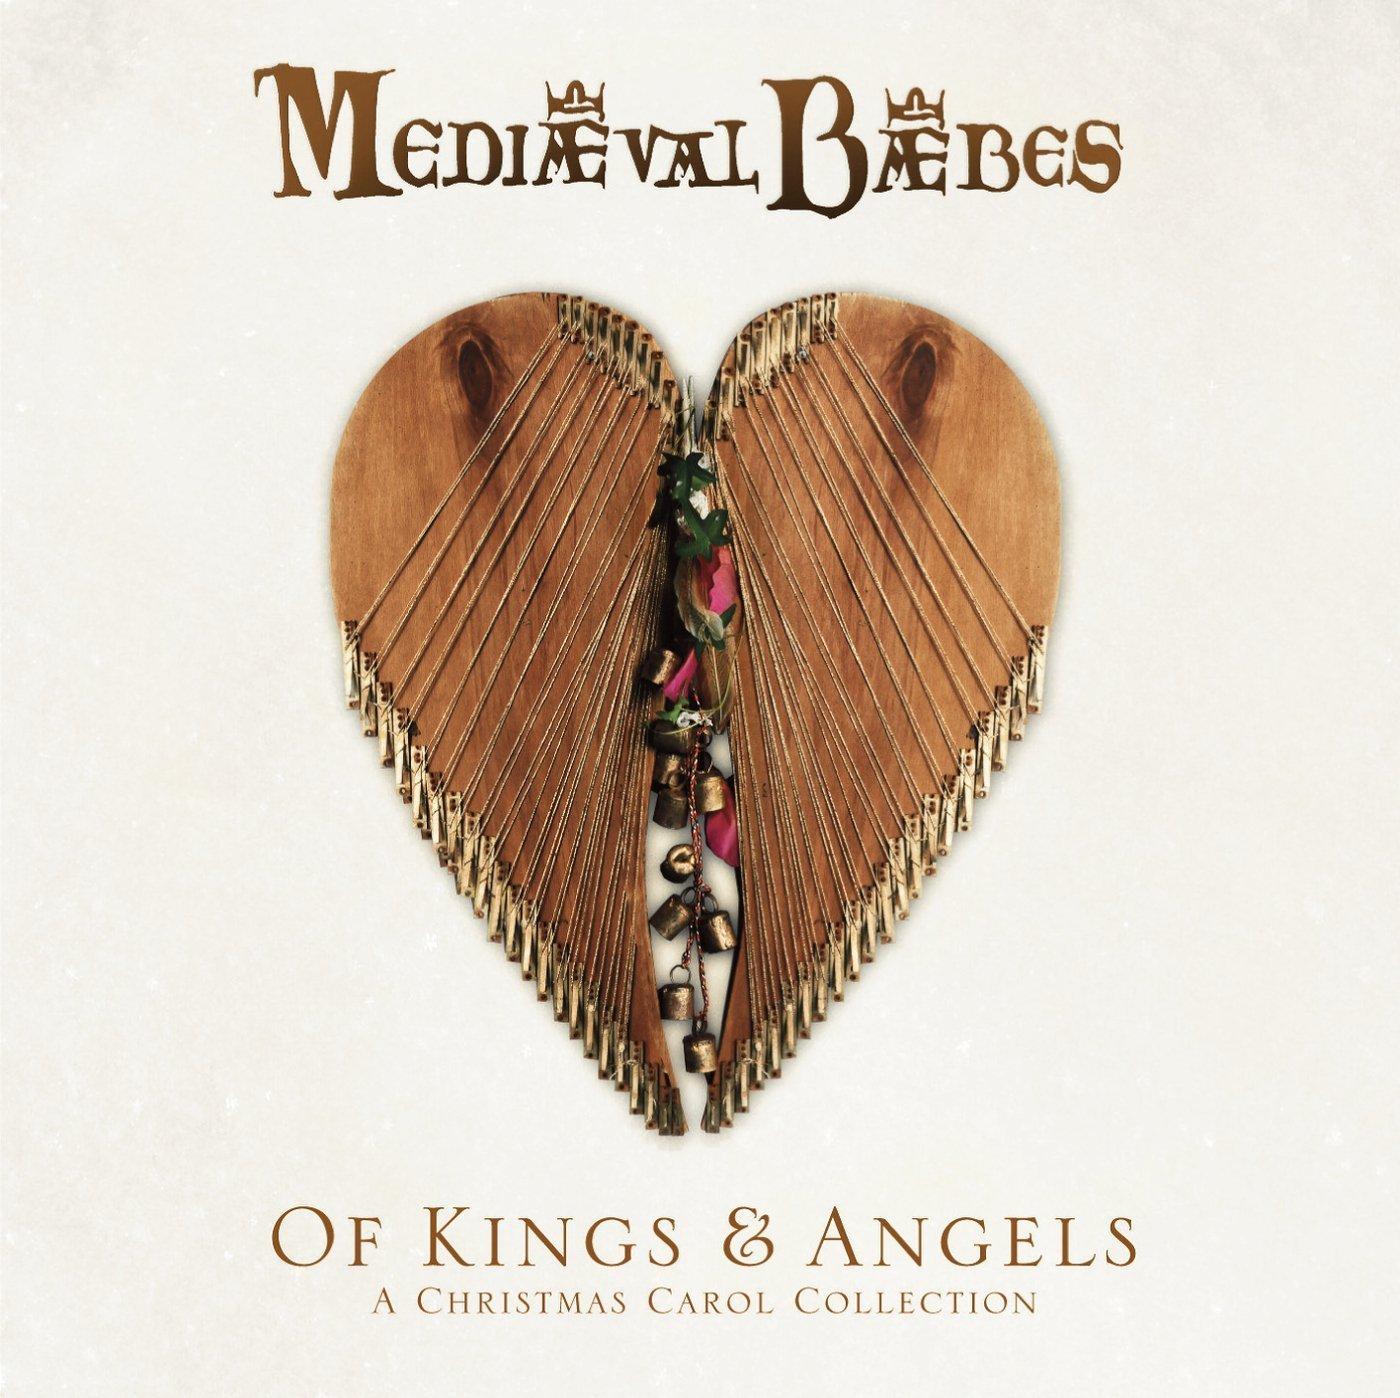 - OF KINGS & ANGELS (10.00)